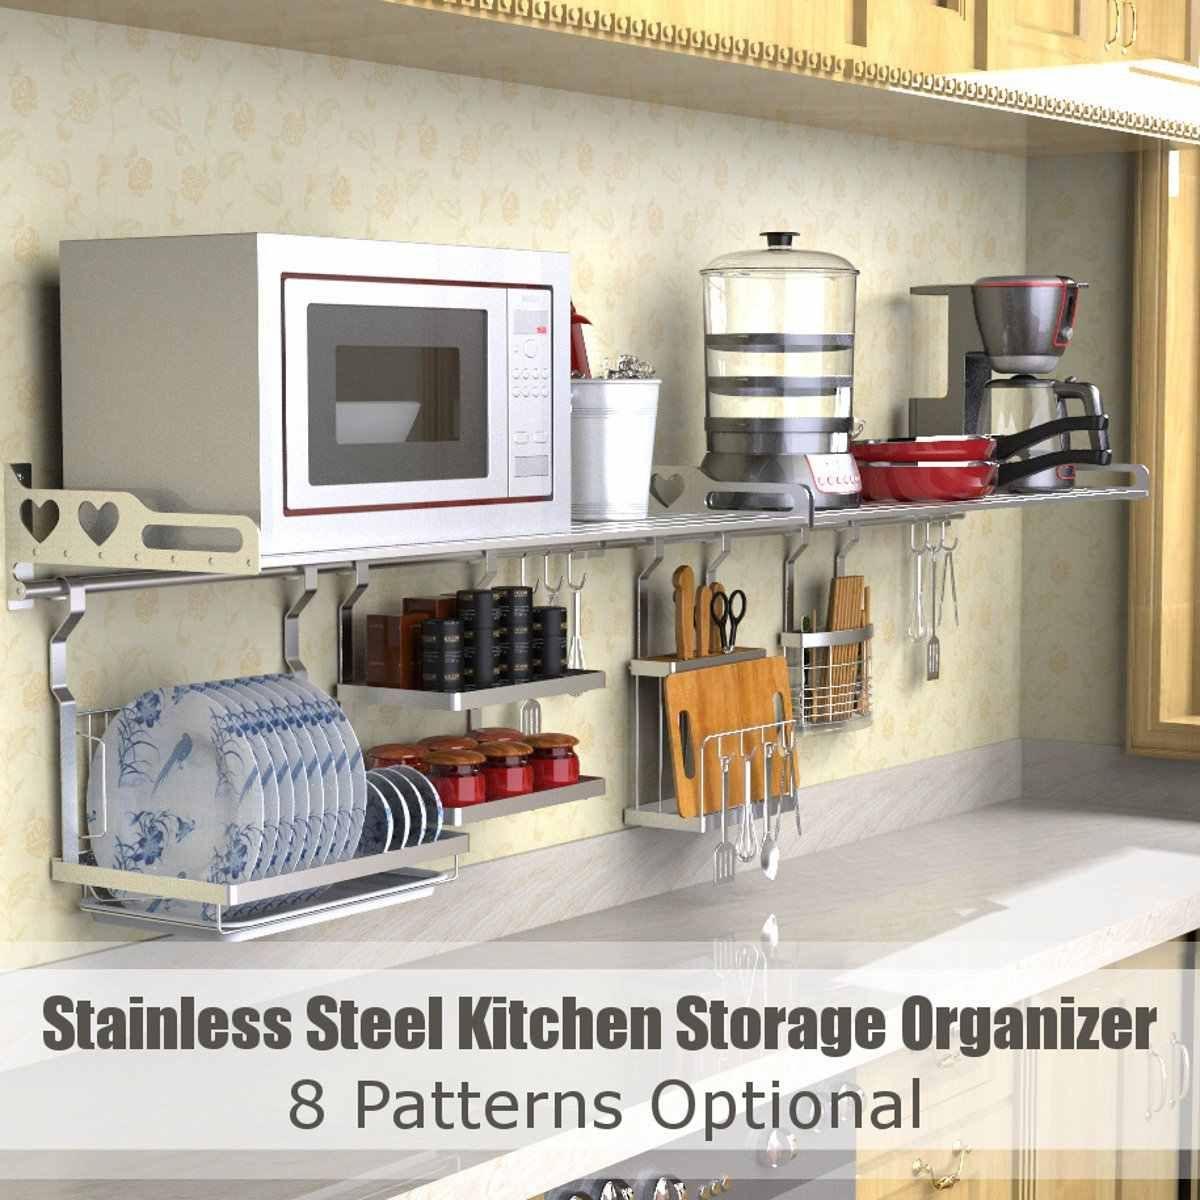 8 種類ステンレス鋼キッチンオーガナイザー多機能食器乾燥ラック壁掛け収納ホルダー食器棚水切り 2020 ポットカバー キッチン ナイフホルダー